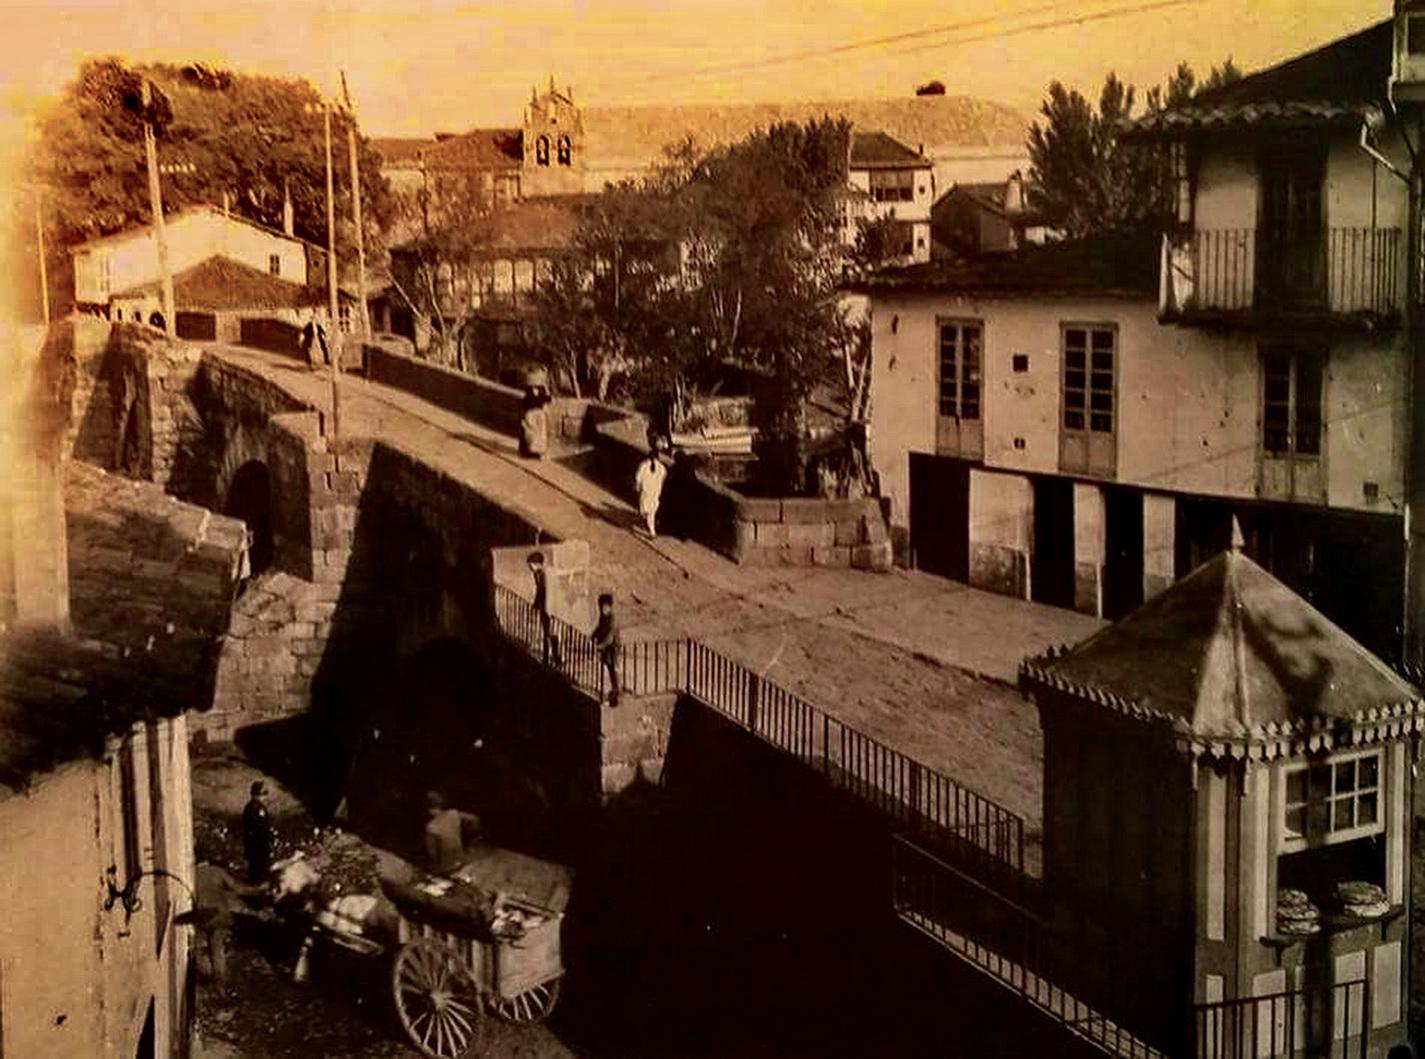 Puente viejo o medieval de Monforte